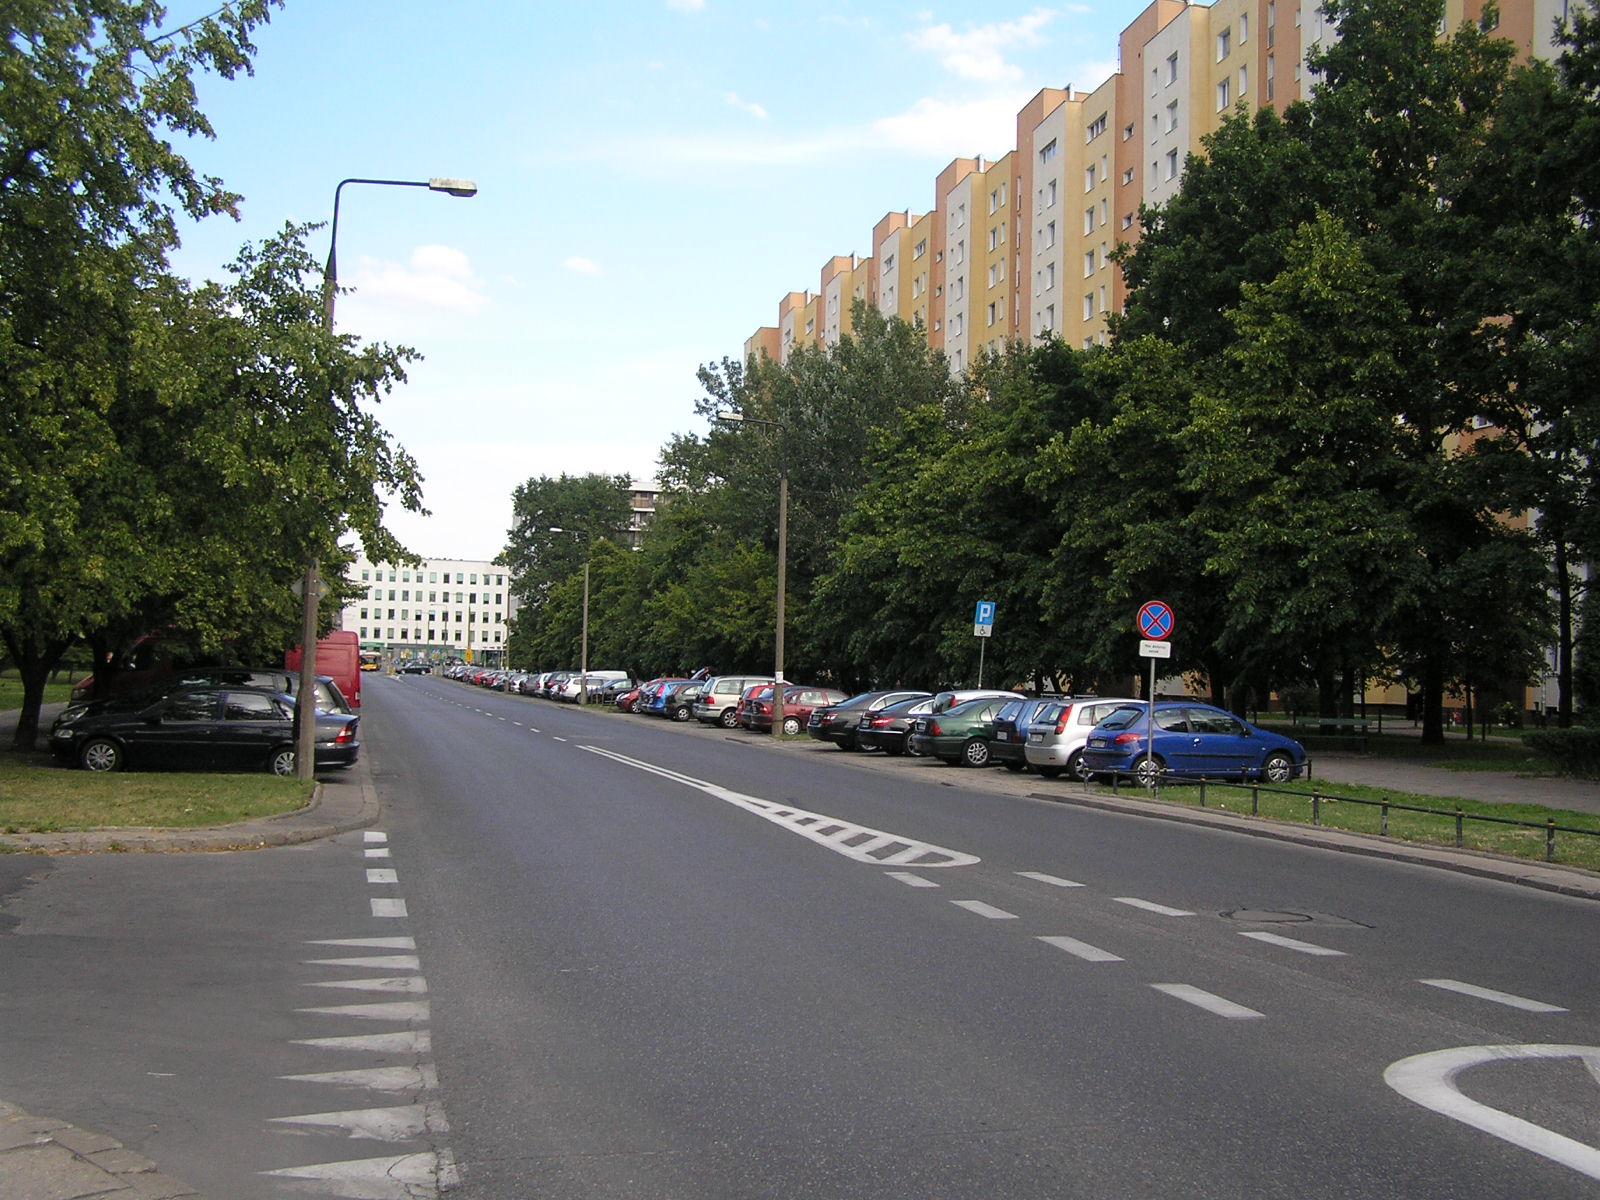 Ścieżka rowerowa na Łukowskiej jeszcze w tym roku